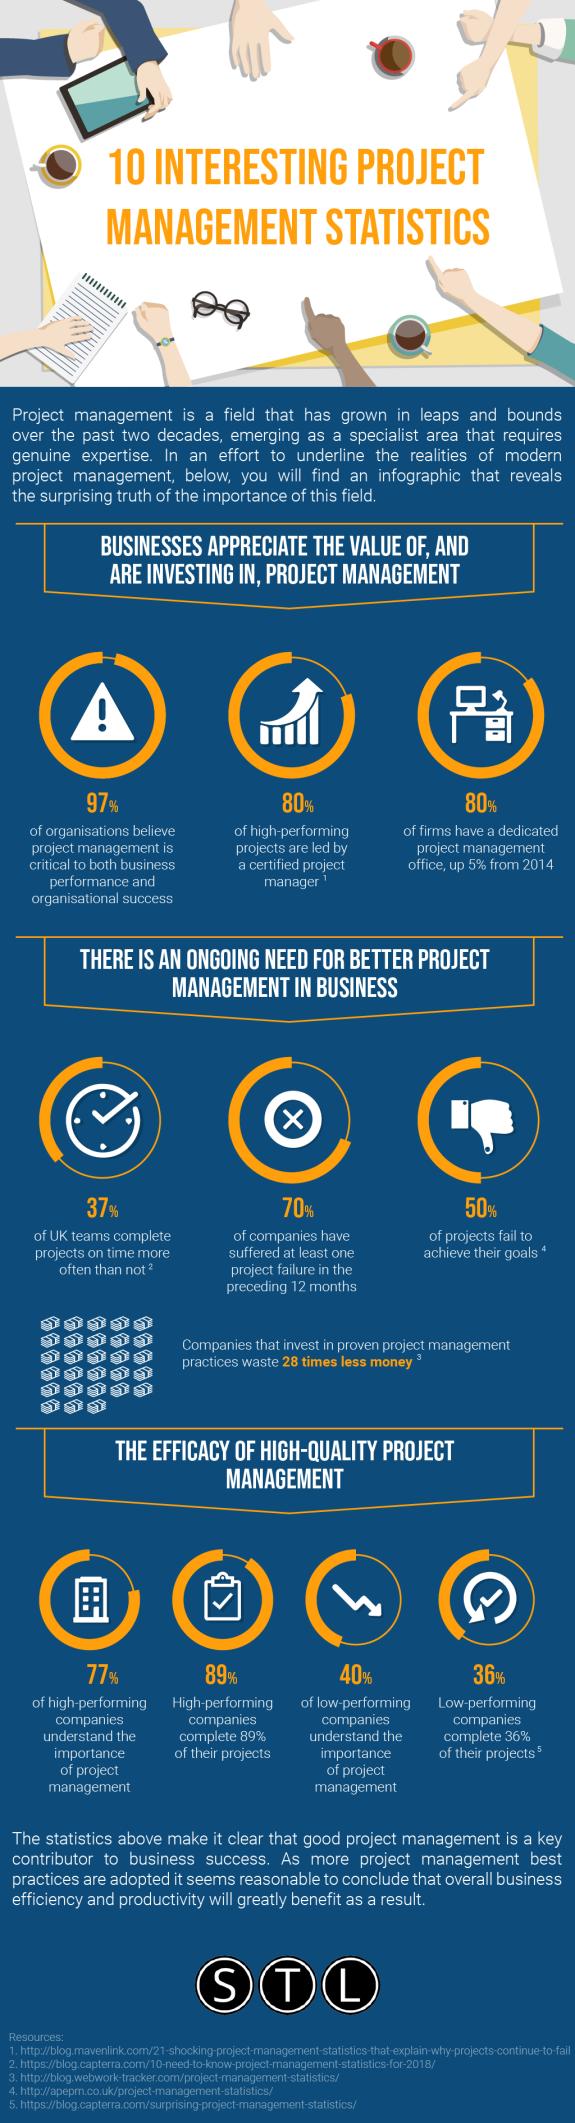 Ten Interesting Project Management Statistics